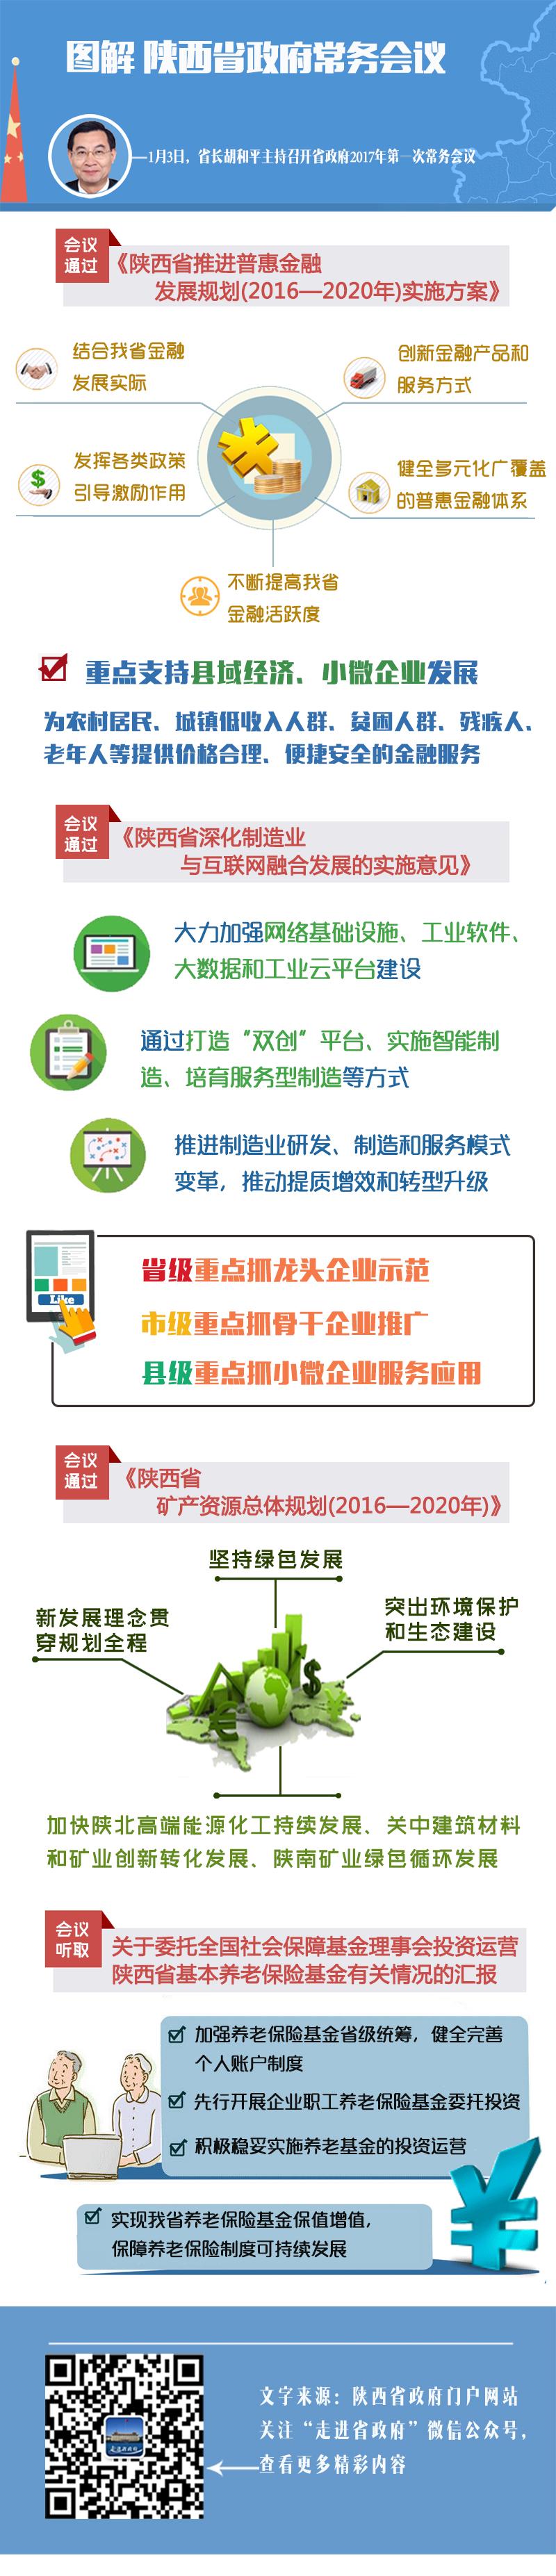 图解:陕西省政府2017年第一次常务会议